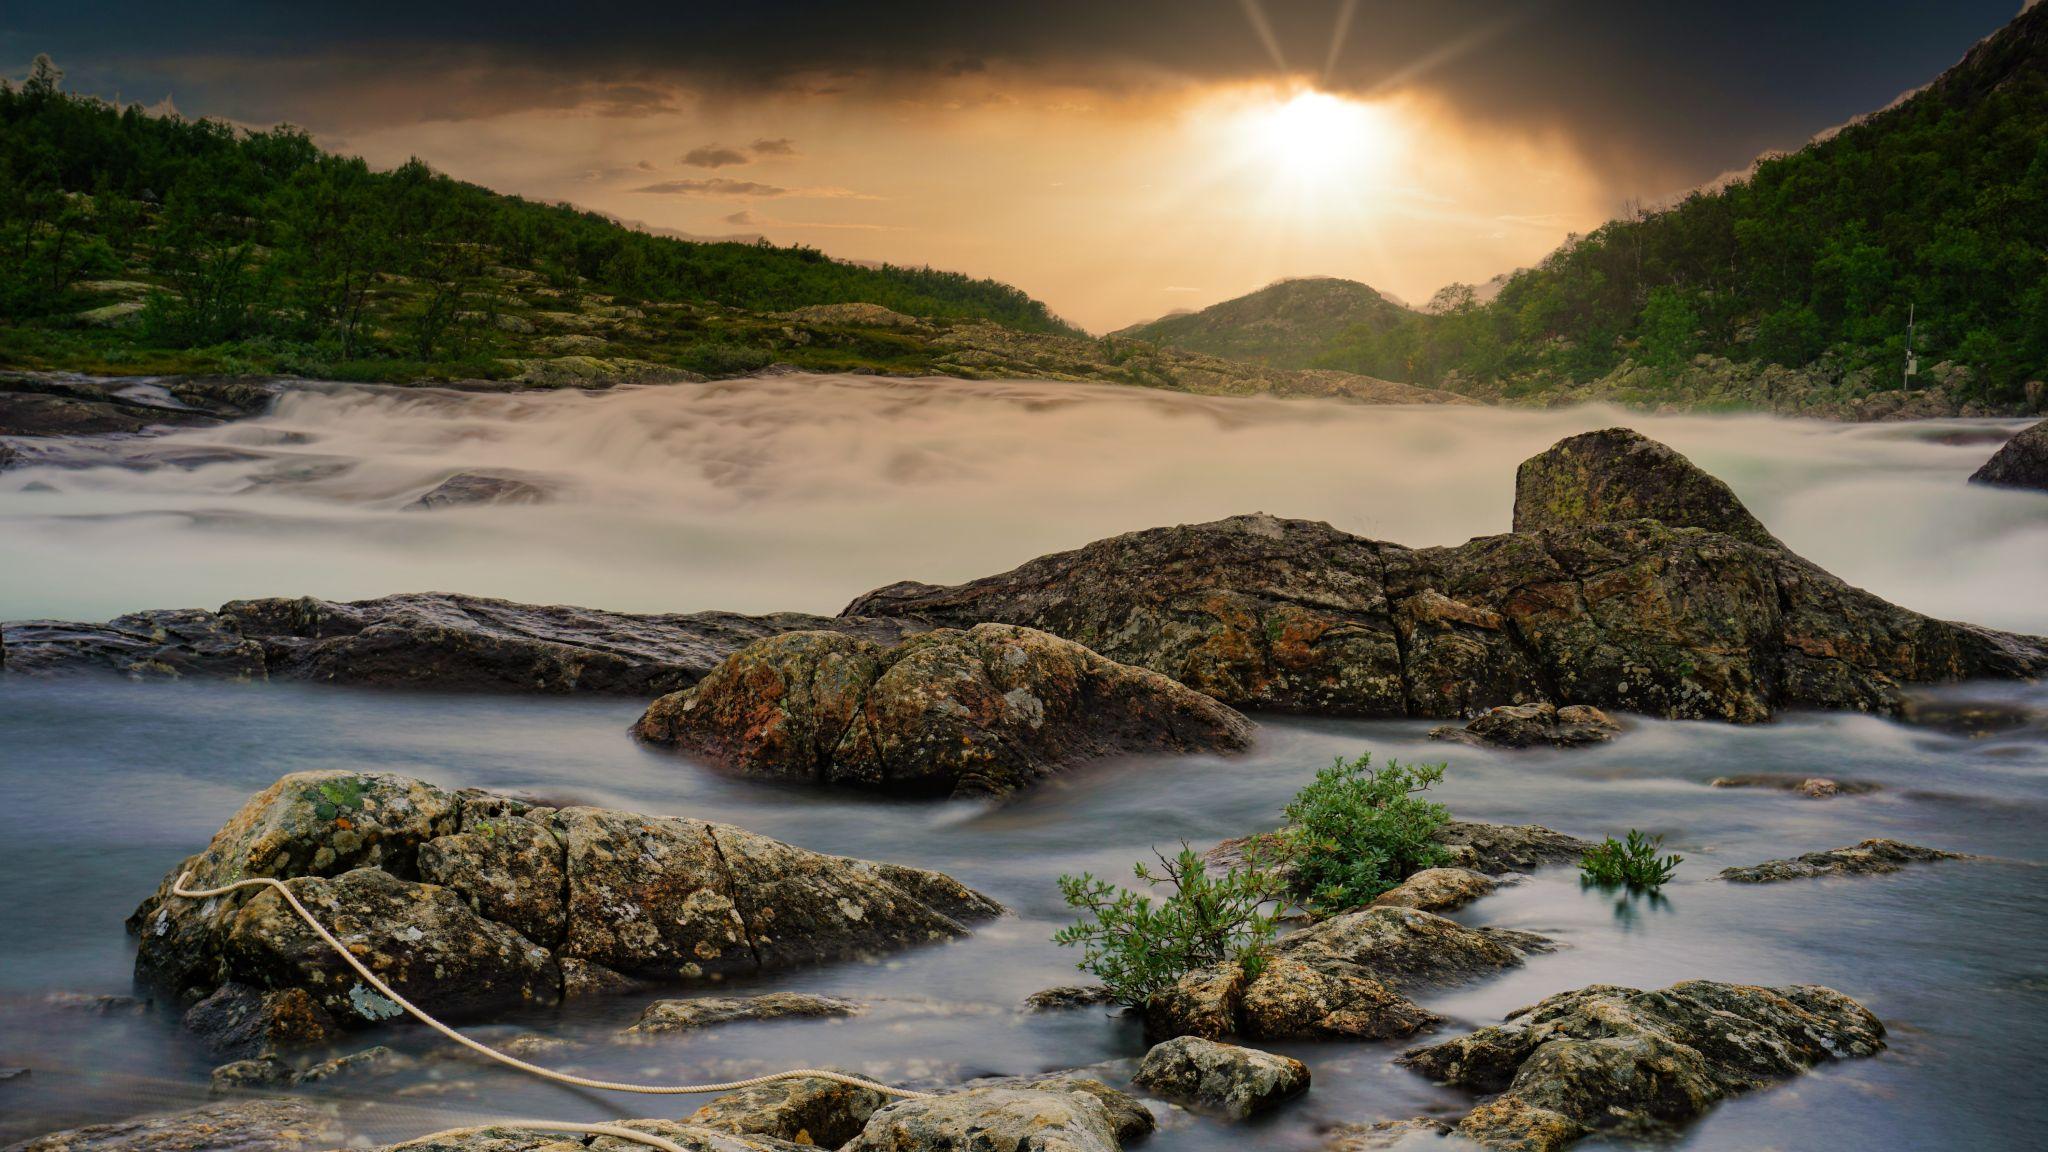 Møsvatnet, Norway